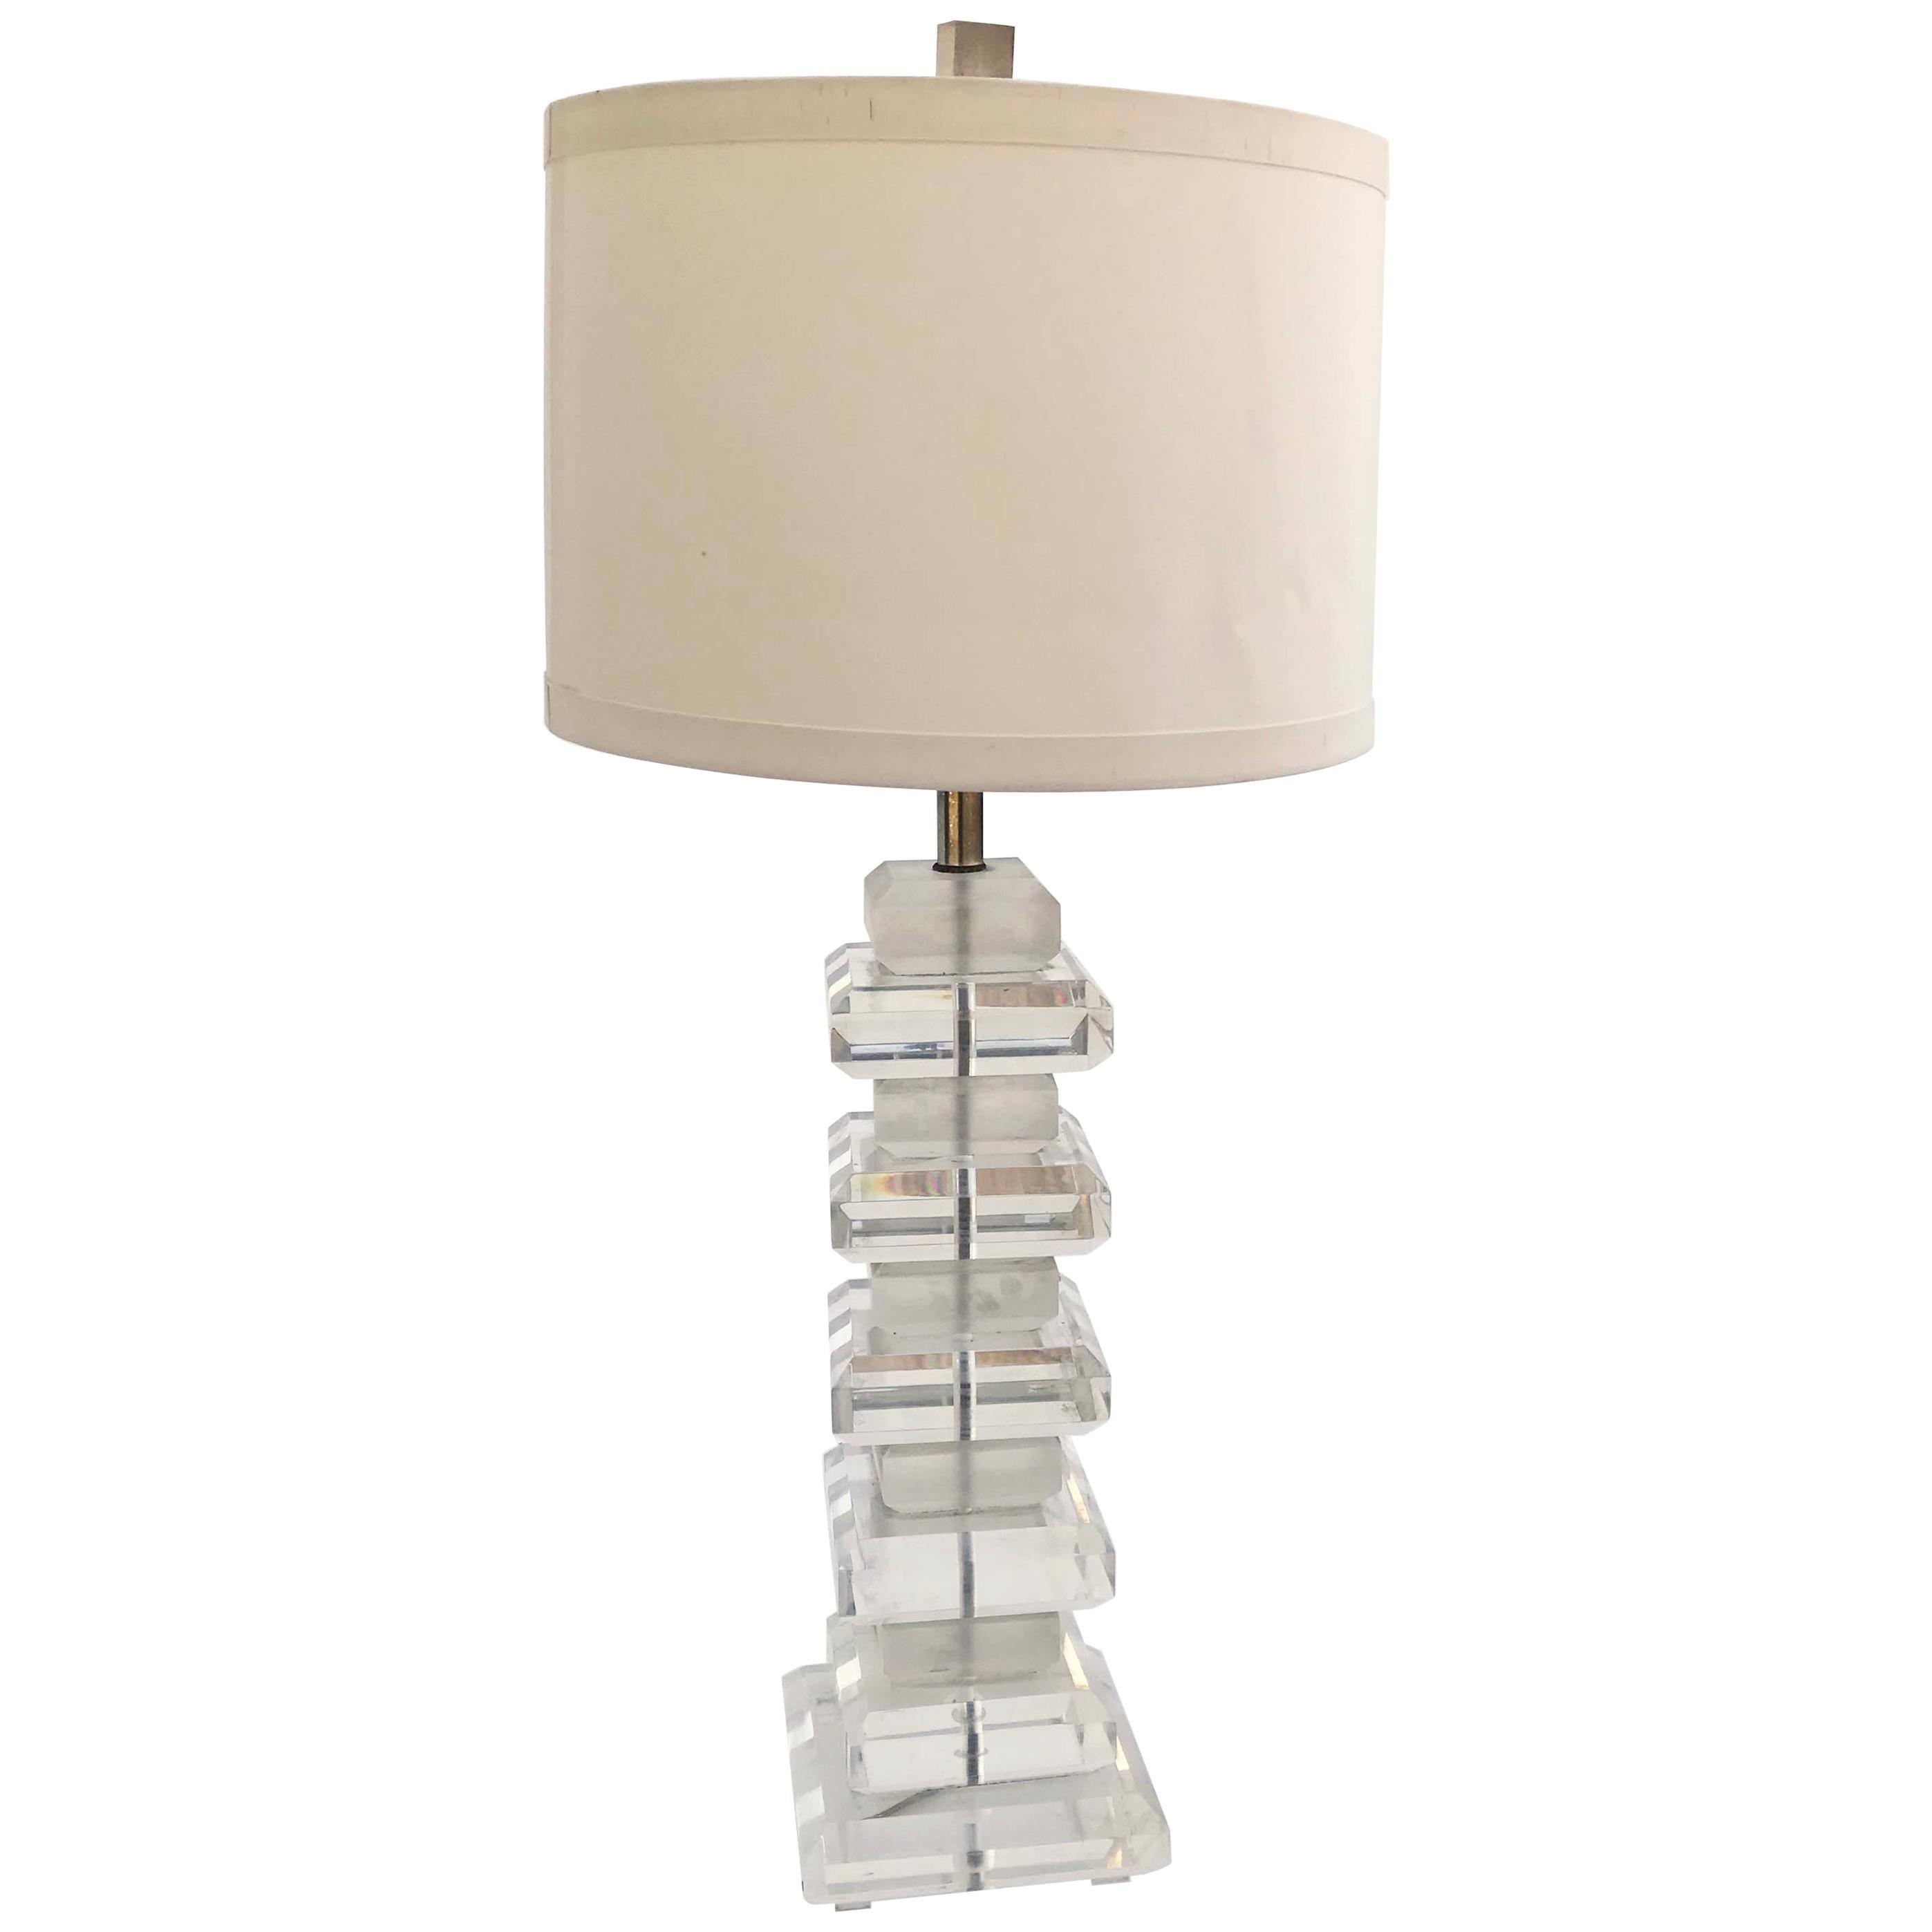 Karl Springer Style Lucite Lamp